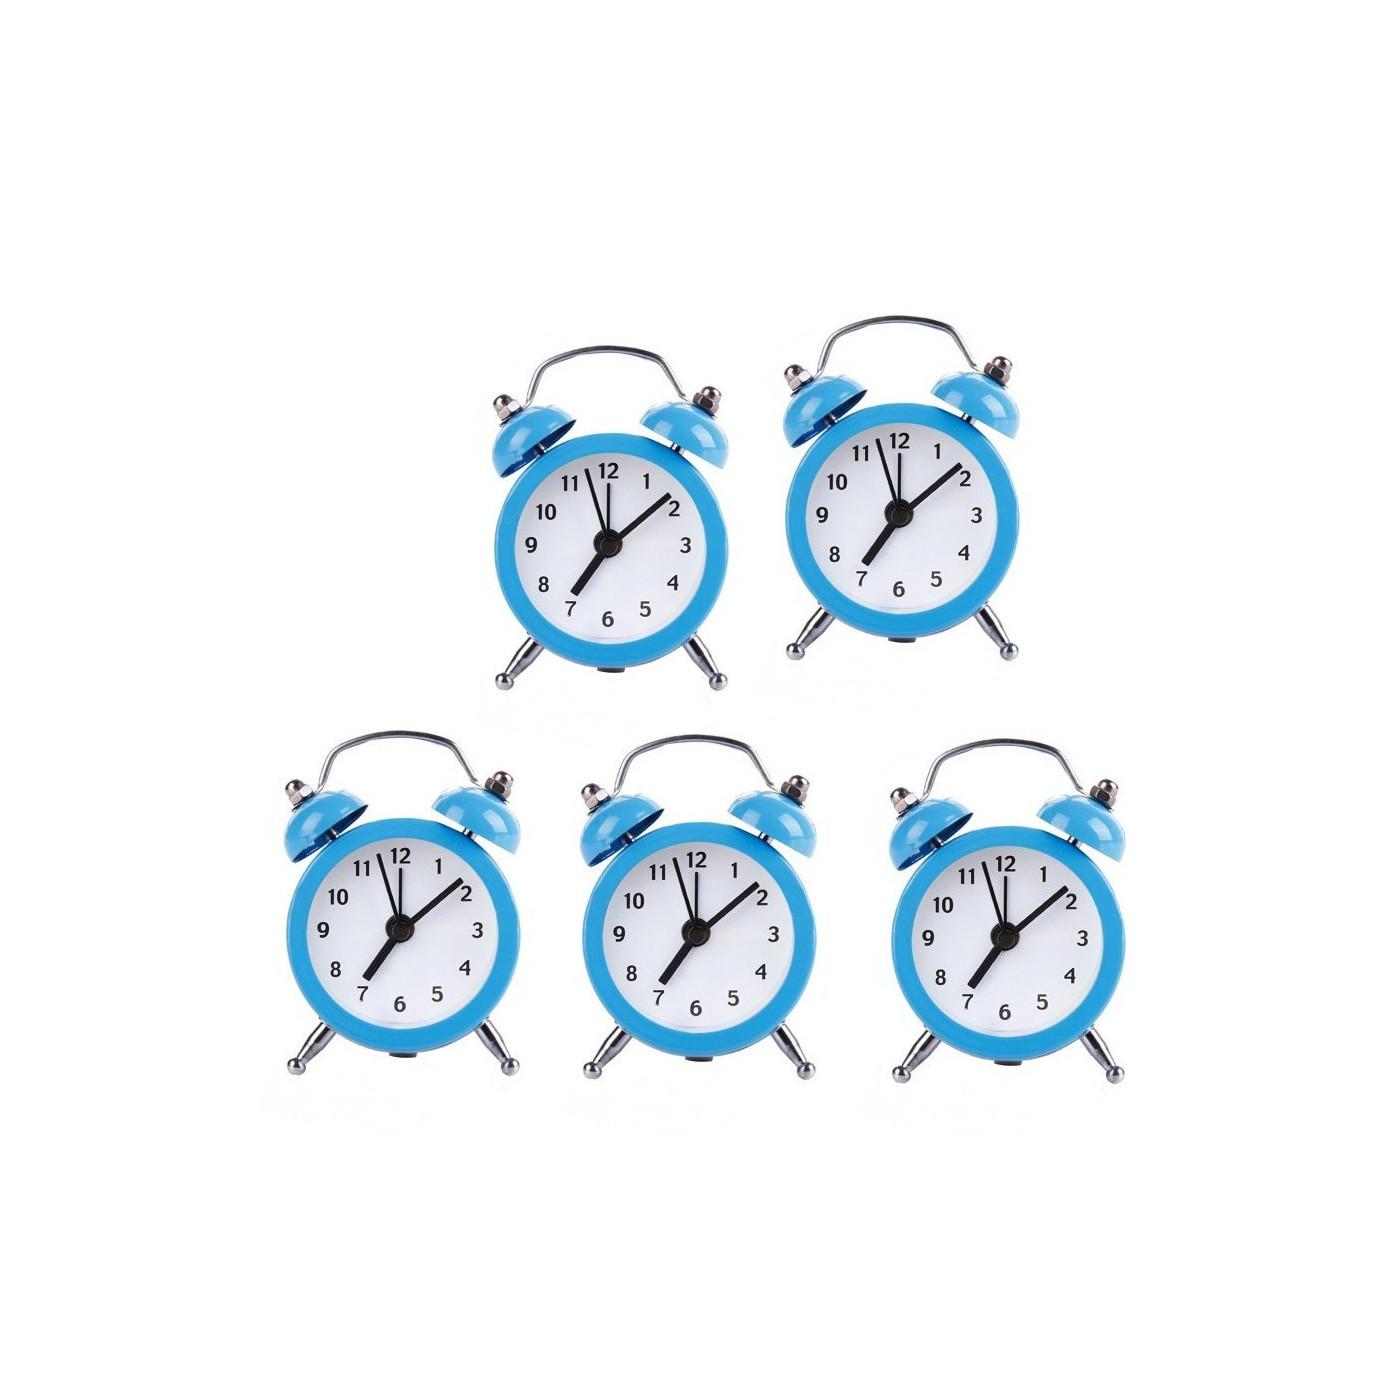 Ensemble de 5 petits réveils rigolos (bleu clair, pile)  - 1